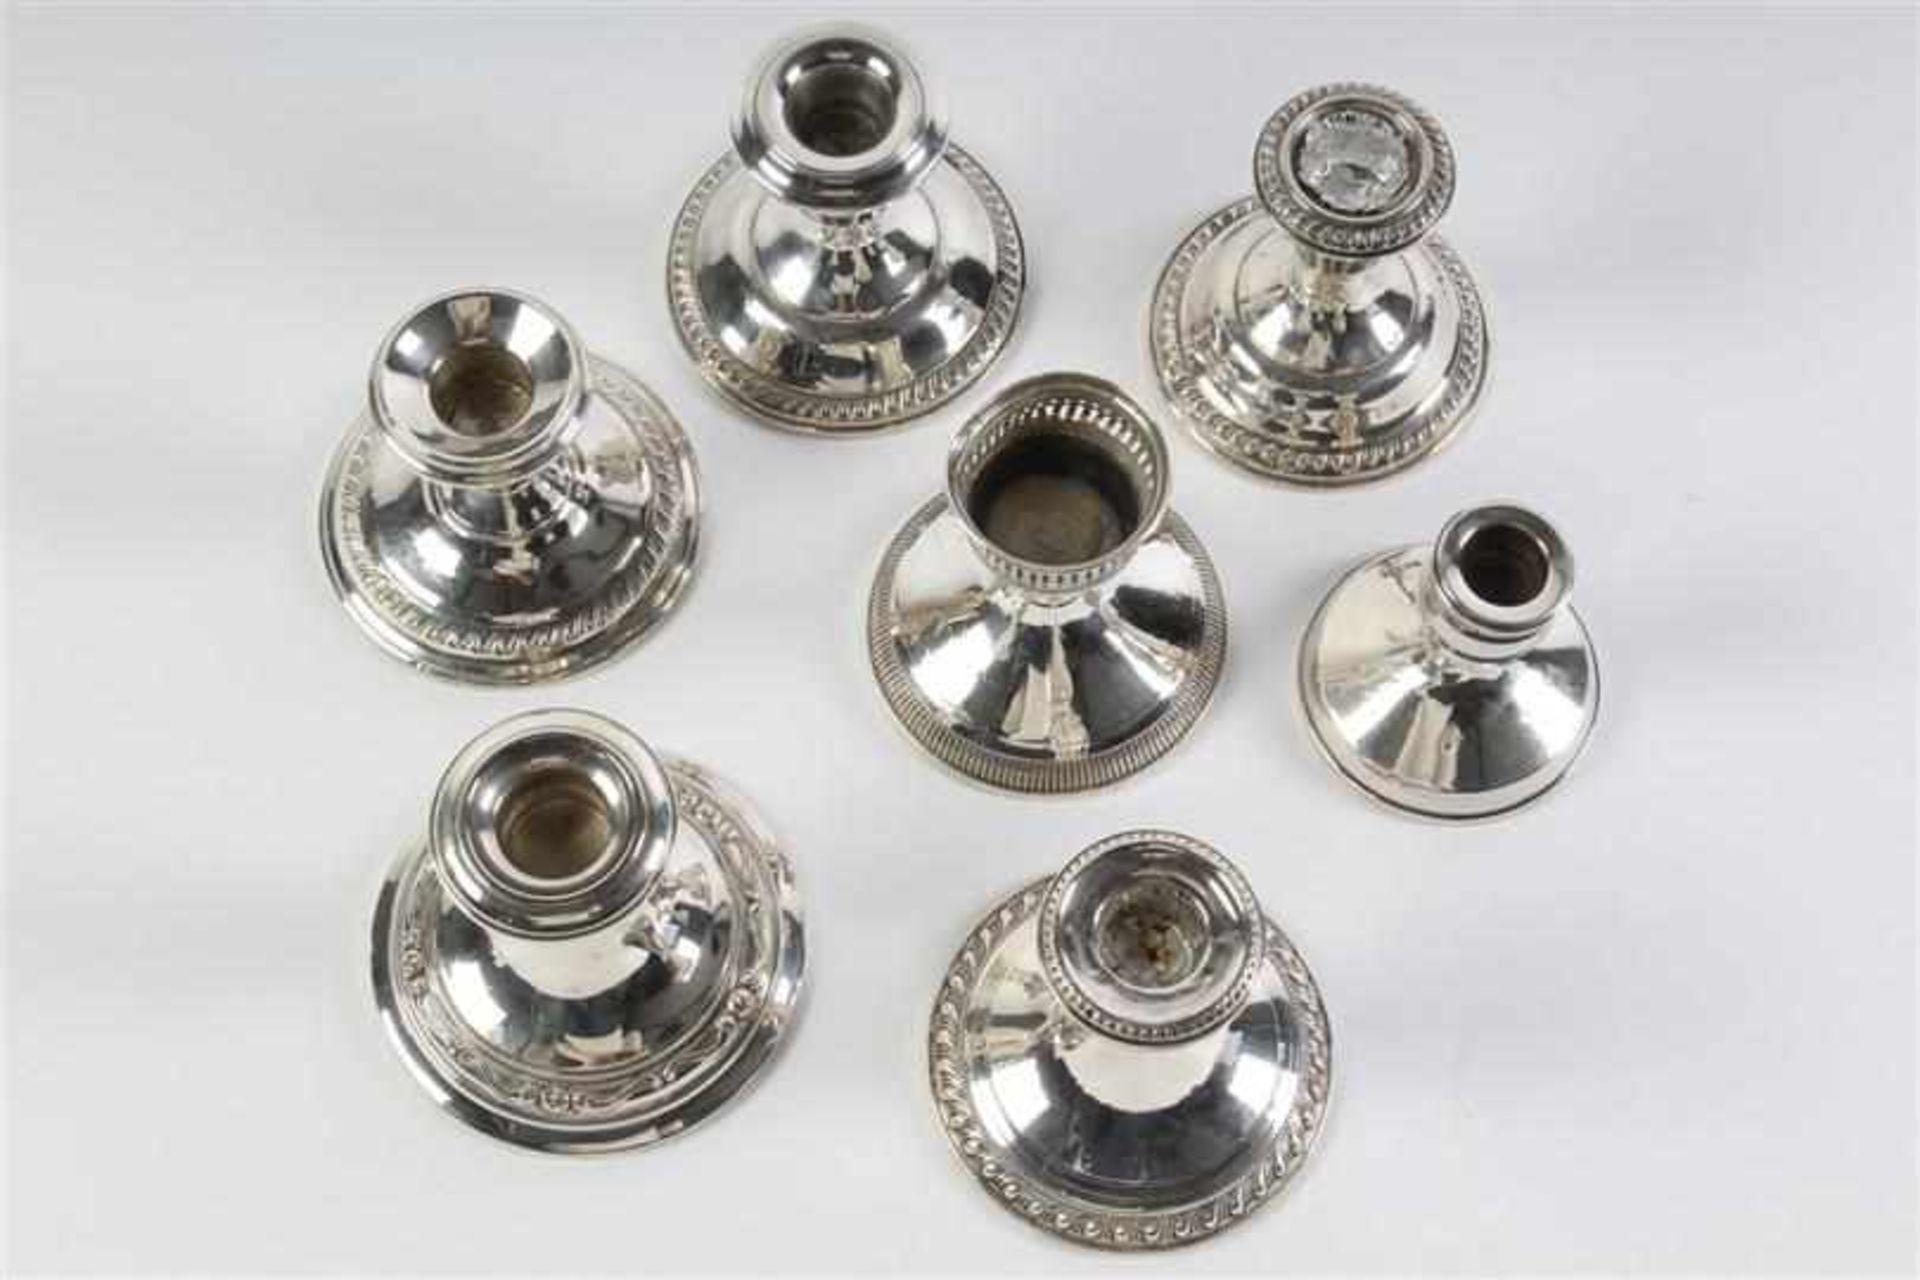 Zeven zilveren kandelaars, Engeland, 20e eeuw. H: 7 - 9 cm. - Bild 4 aus 4